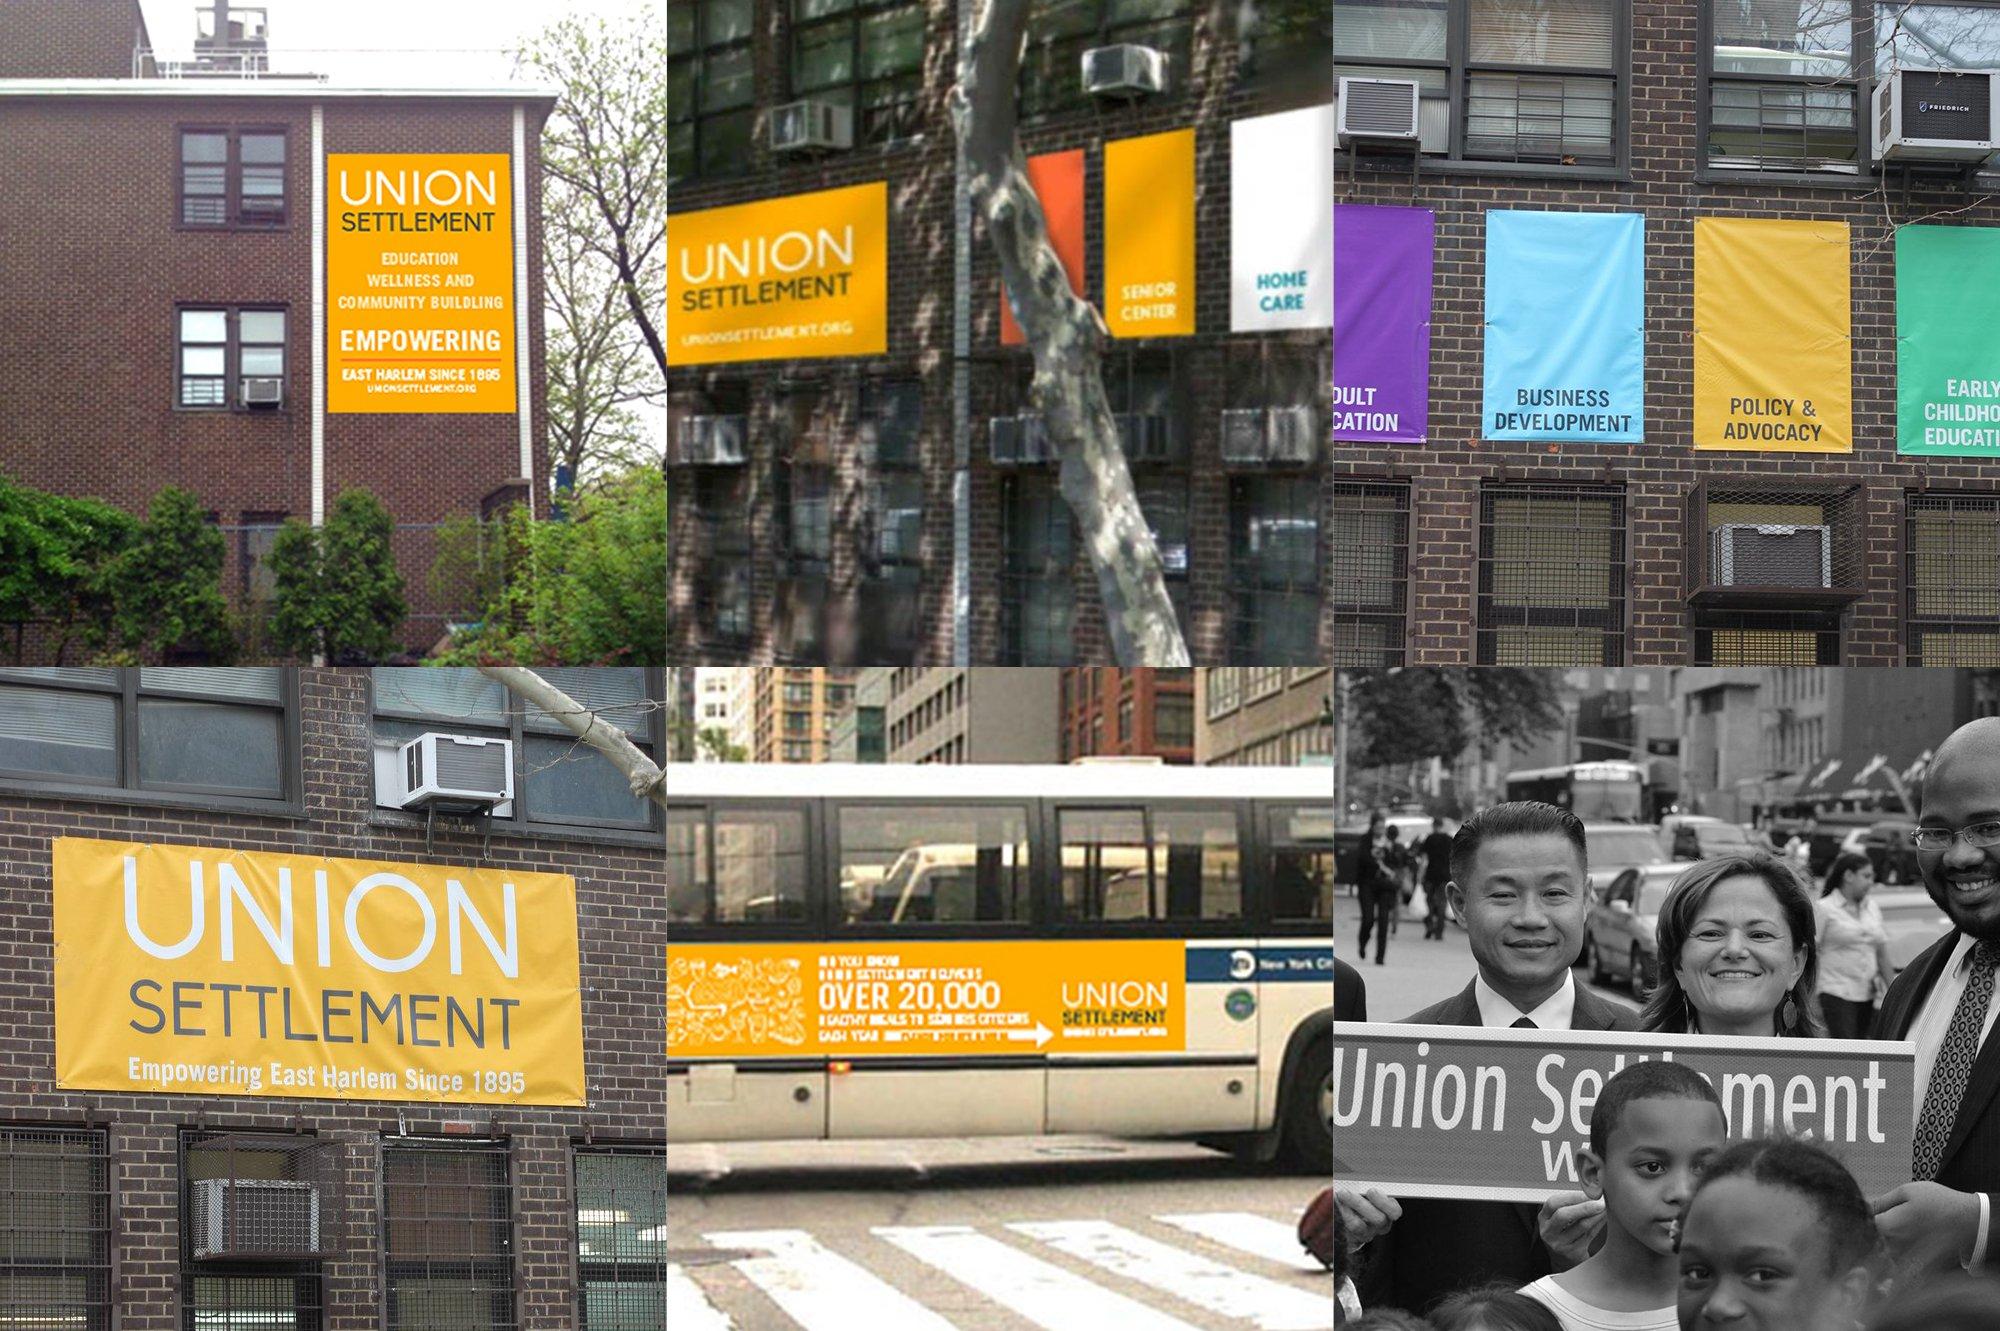 Union Settlement signage